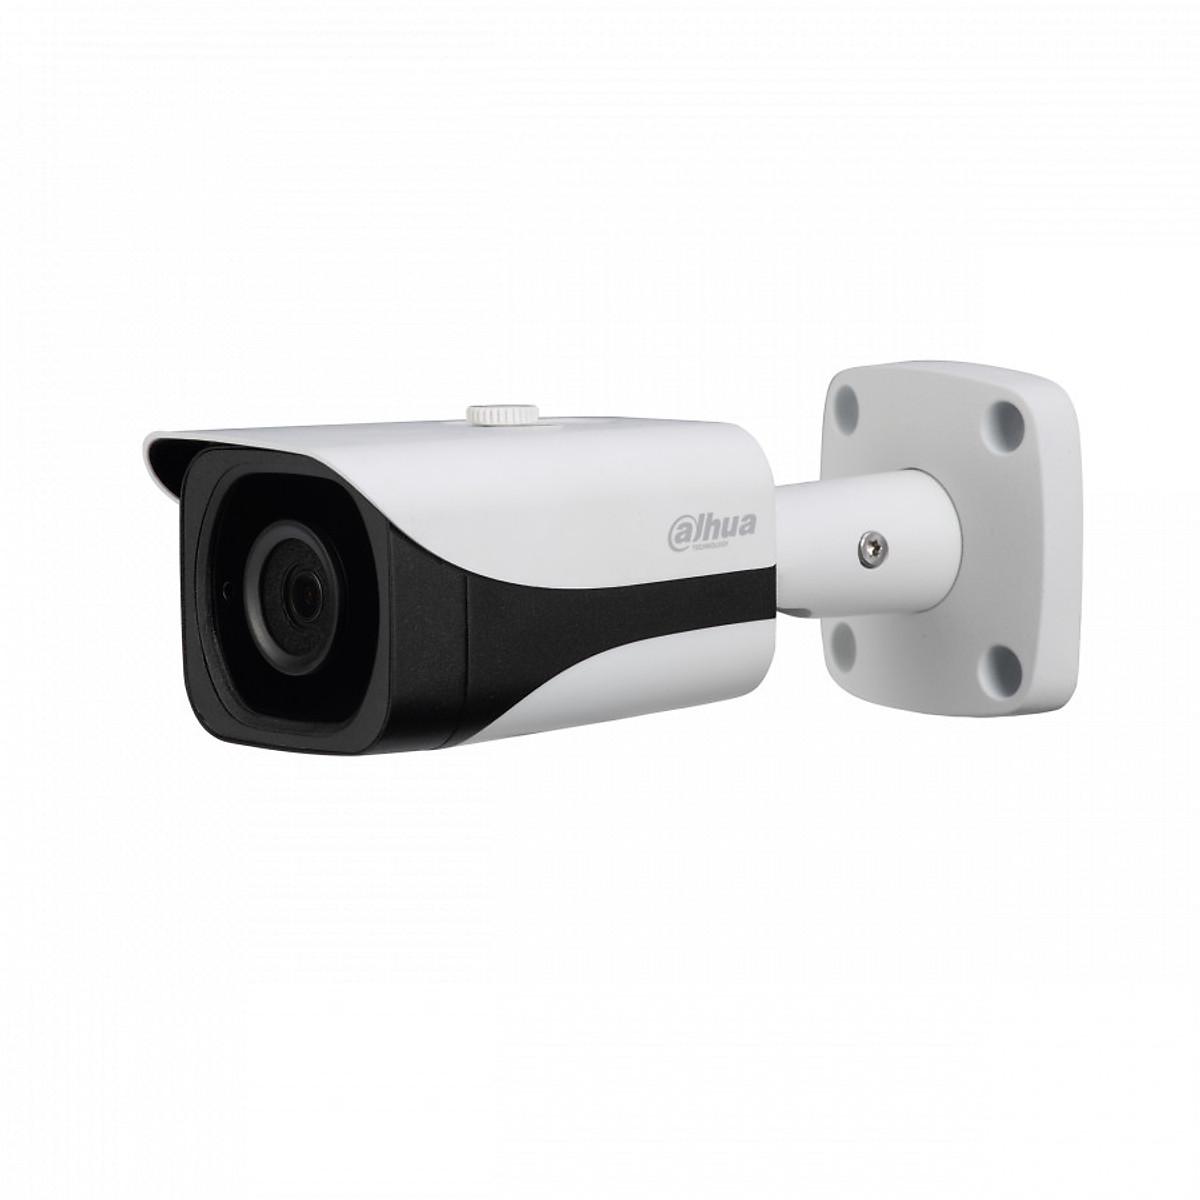 Camera HD-CVI Starlight Pro thân trụ 2.0 Mega Pixel chống ngược sáng Dahua HAC-HFW2231RP-Z-IRE6 – Hàng nhập khẩu